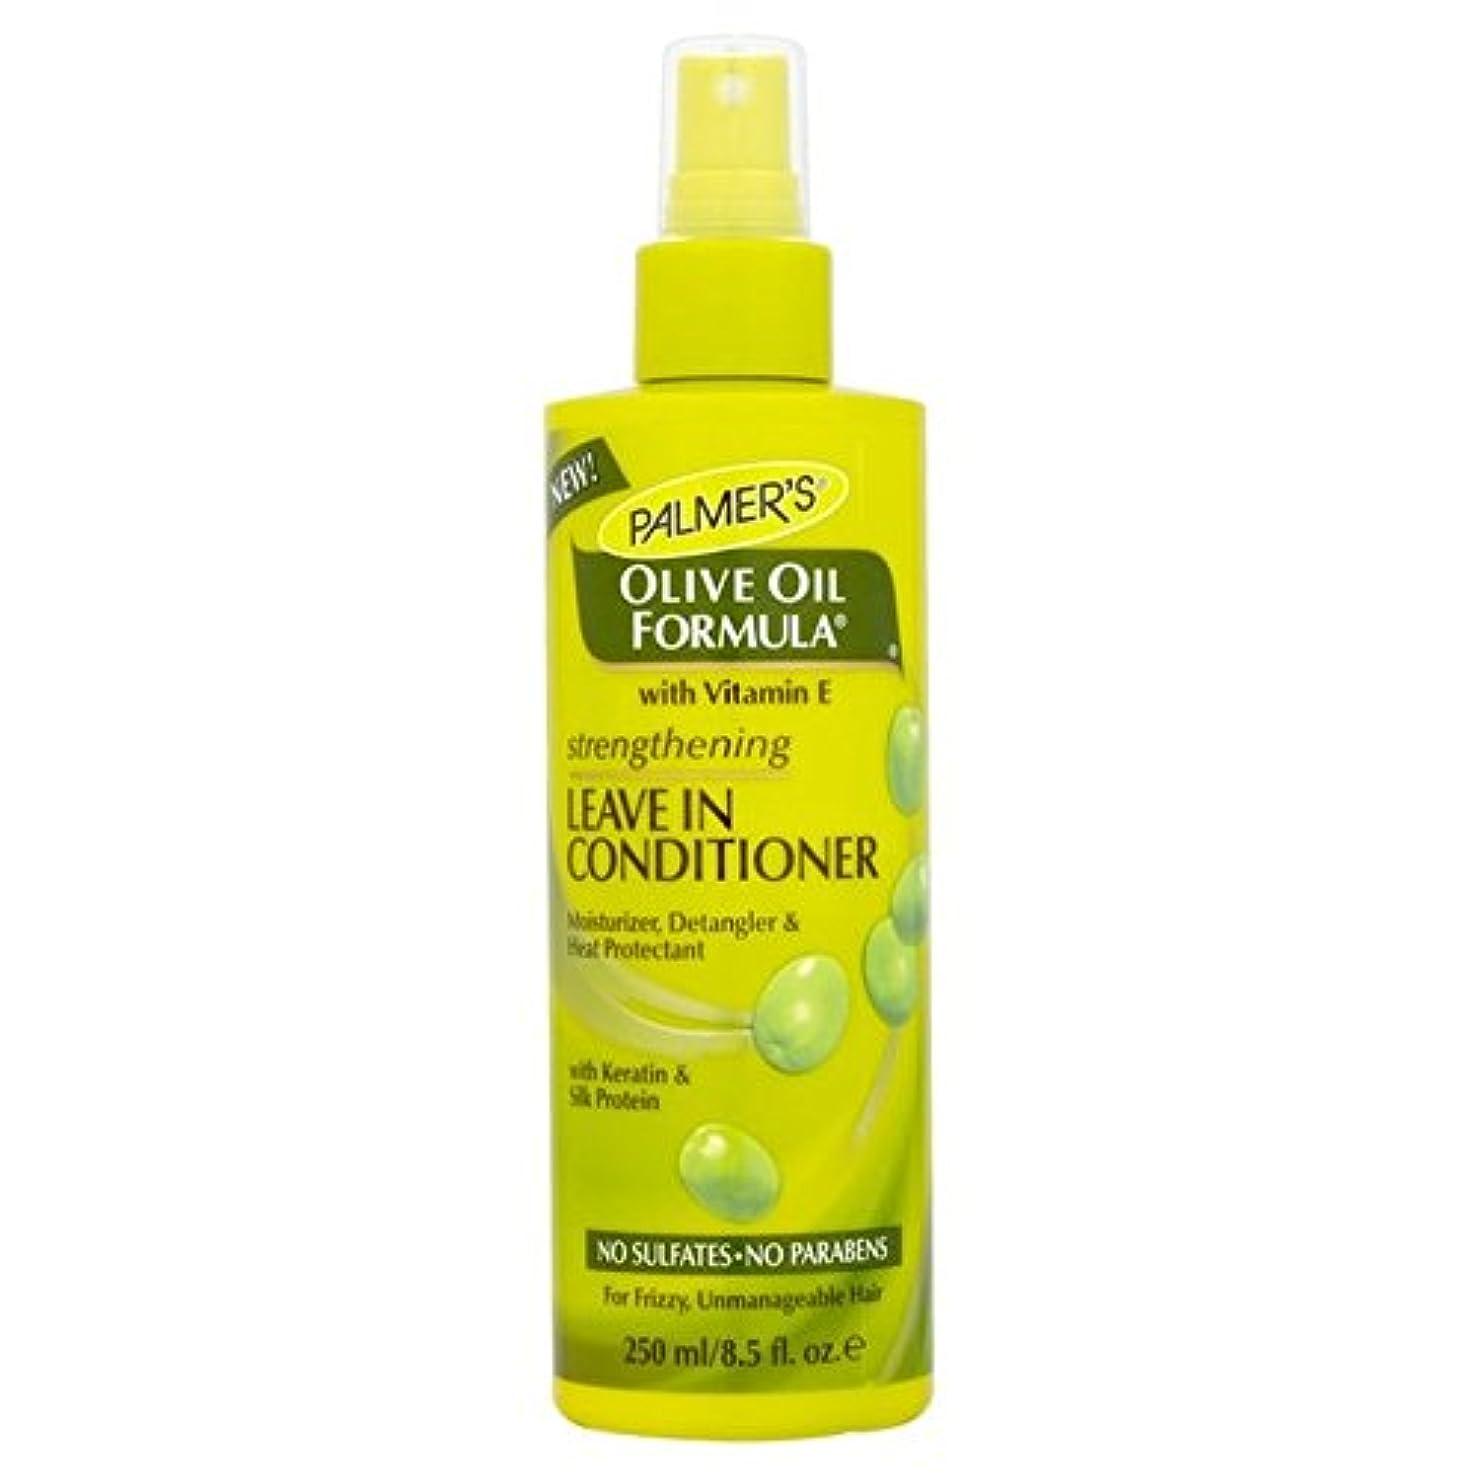 よりモザイク上院リーブインコンディショナー250を強化パーマーのオリーブオイル式 x2 - Palmer's Olive Oil Formula Strengthening Leave-in Conditioner 250ml (Pack...